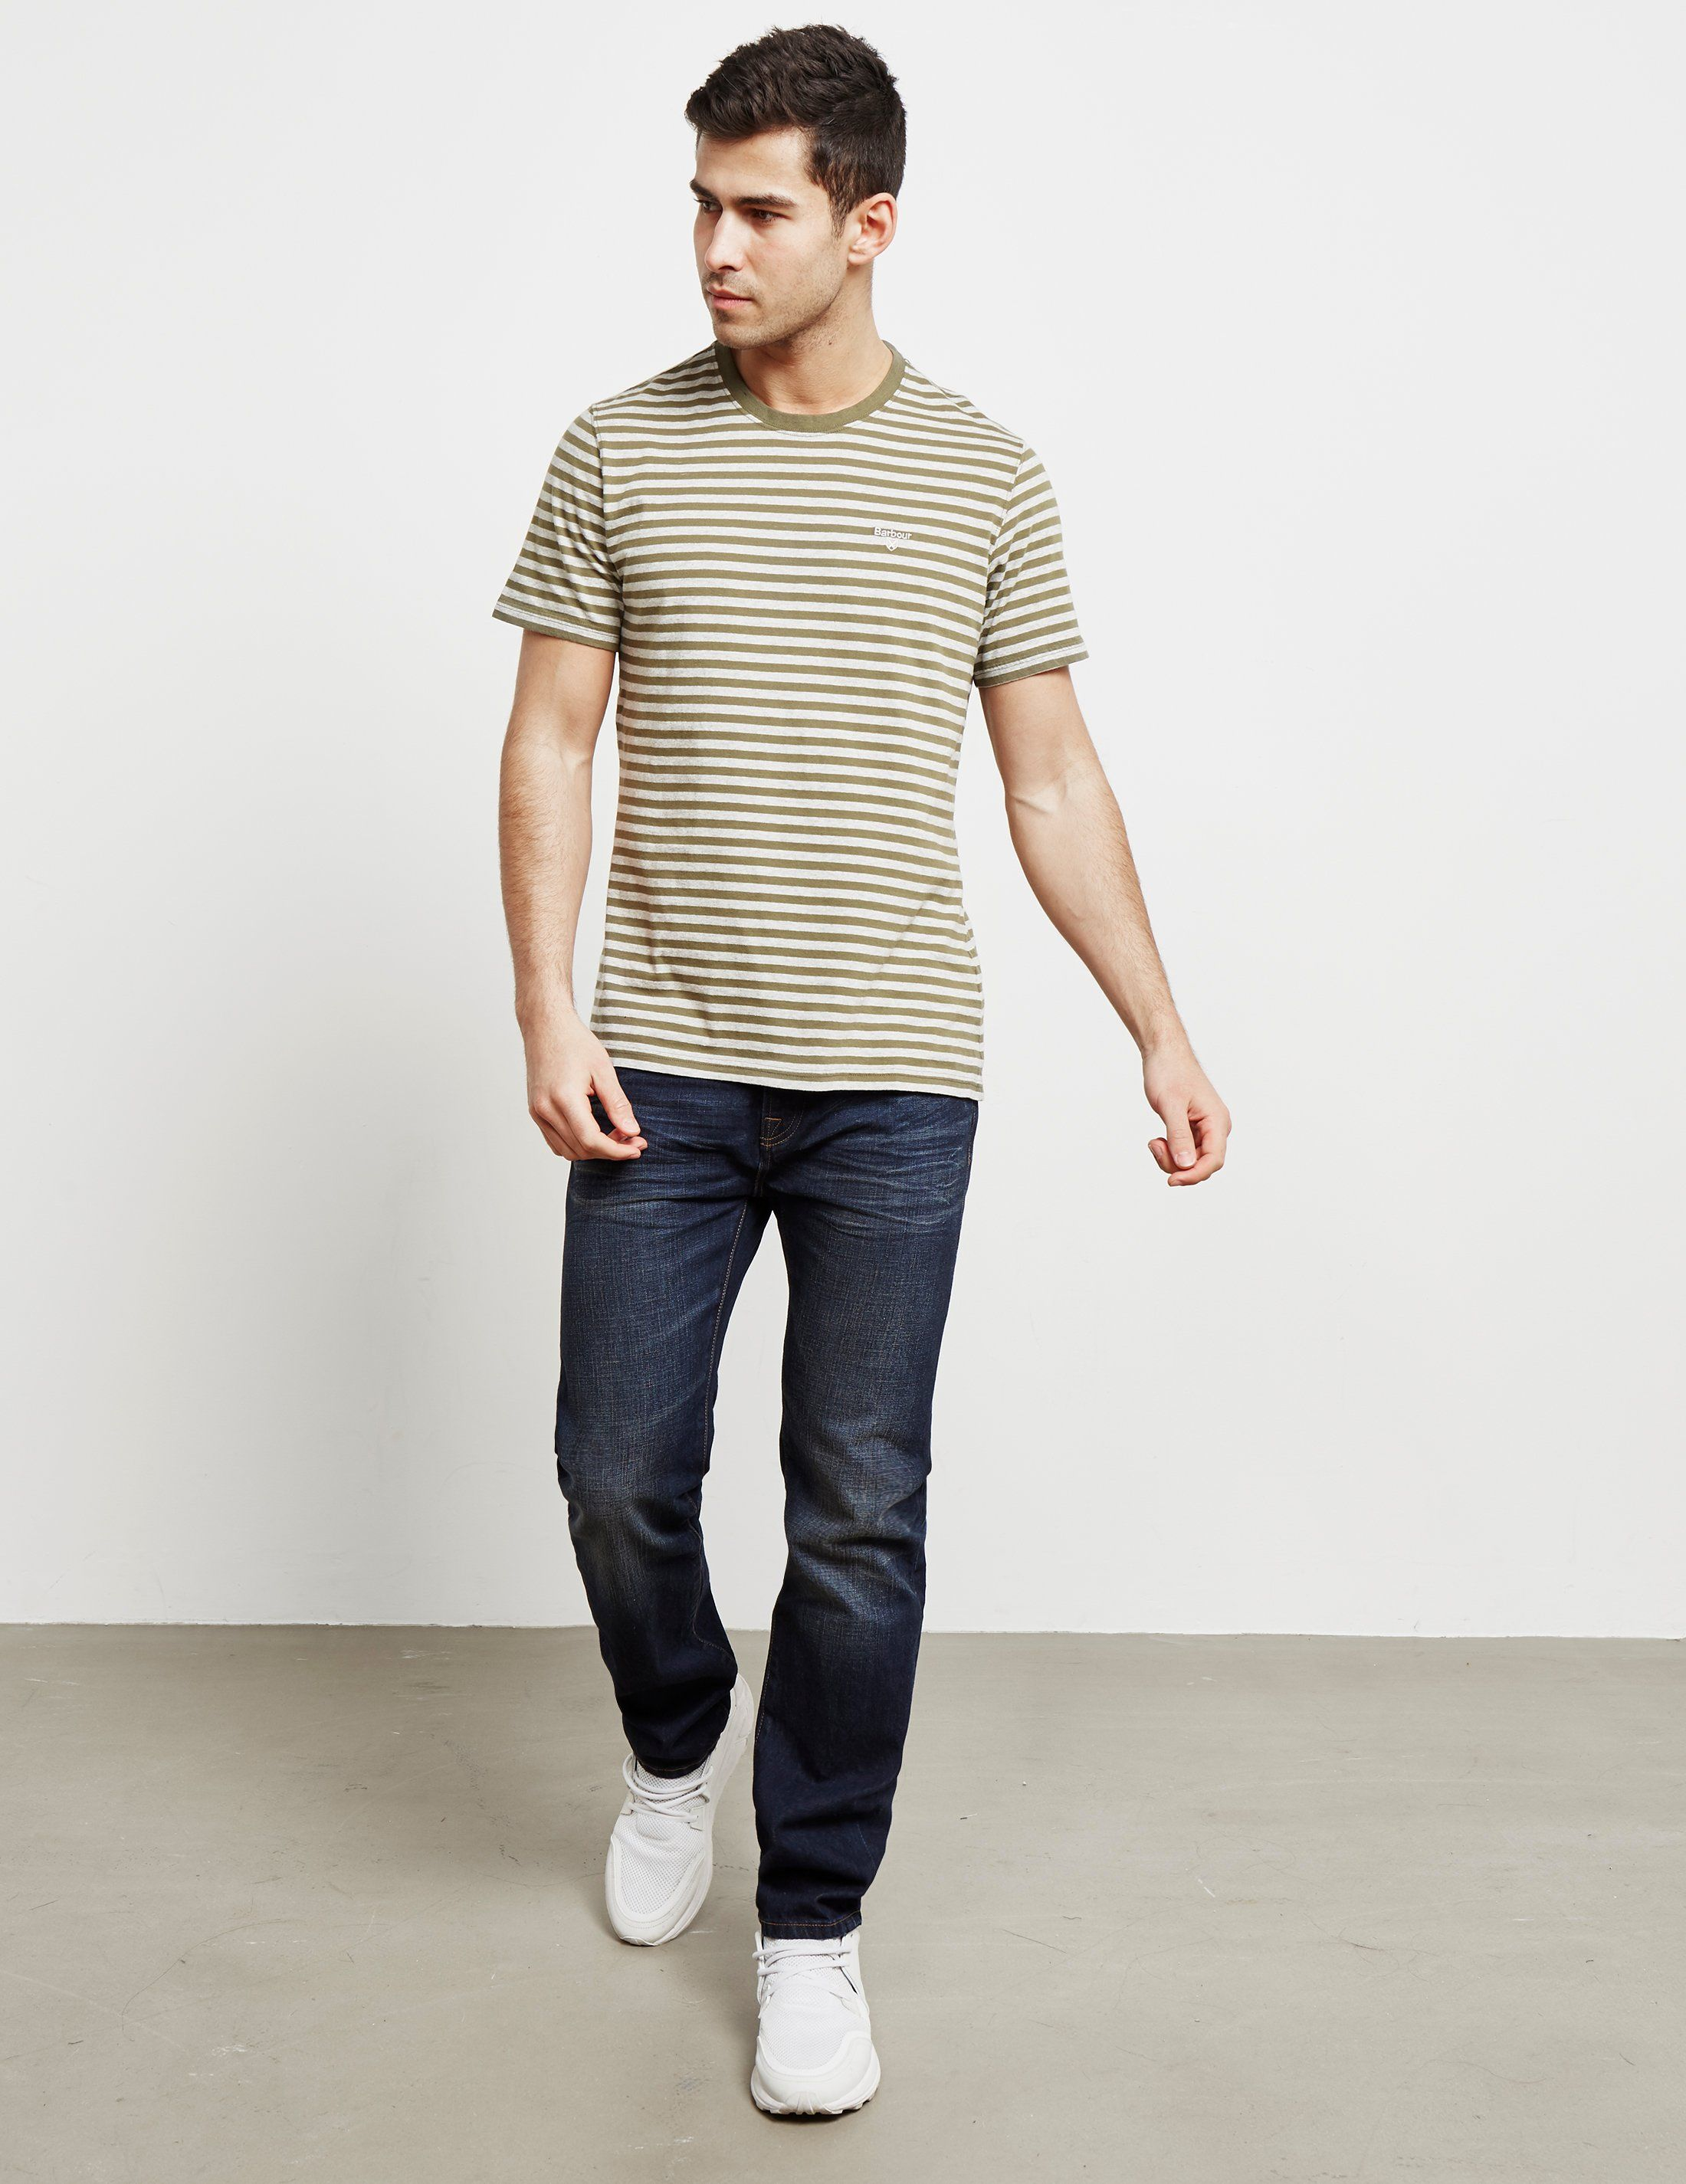 Barbour Delamere Short Sleeve T-Shirt